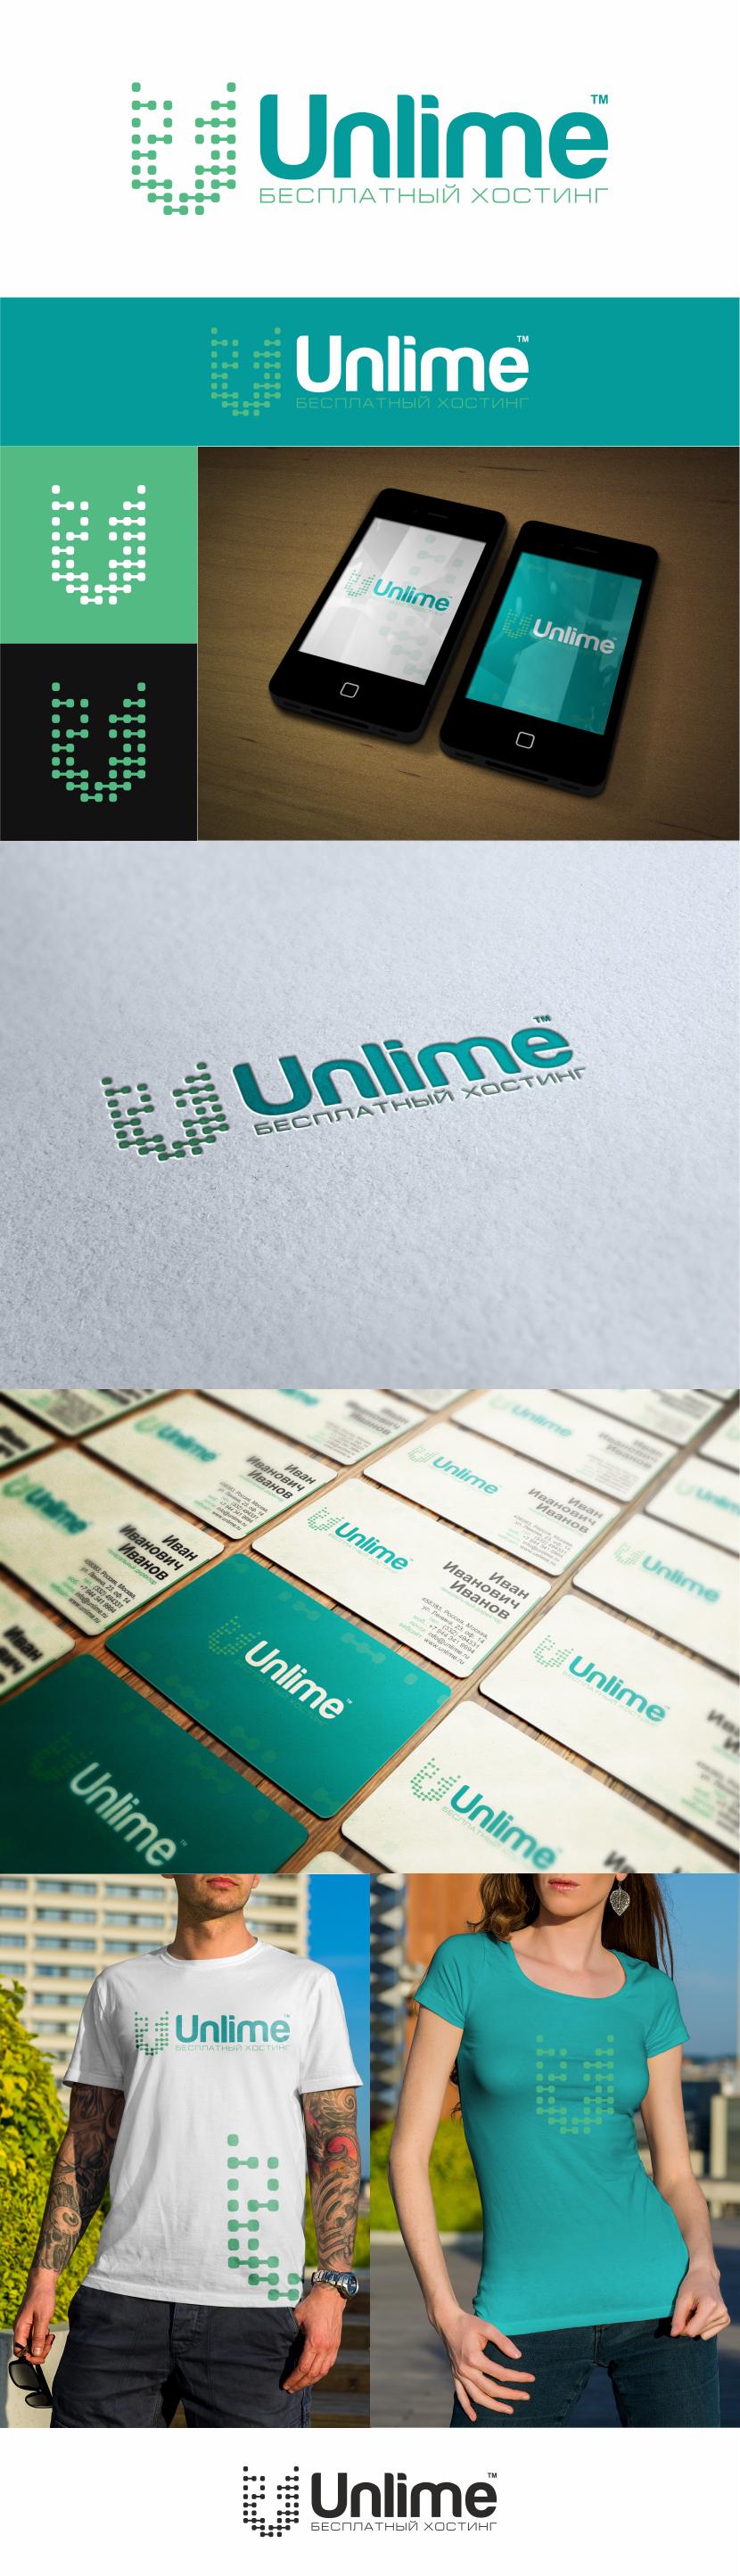 Разработка логотипа и фирменного стиля фото f_074594bed72d9cd9.jpg